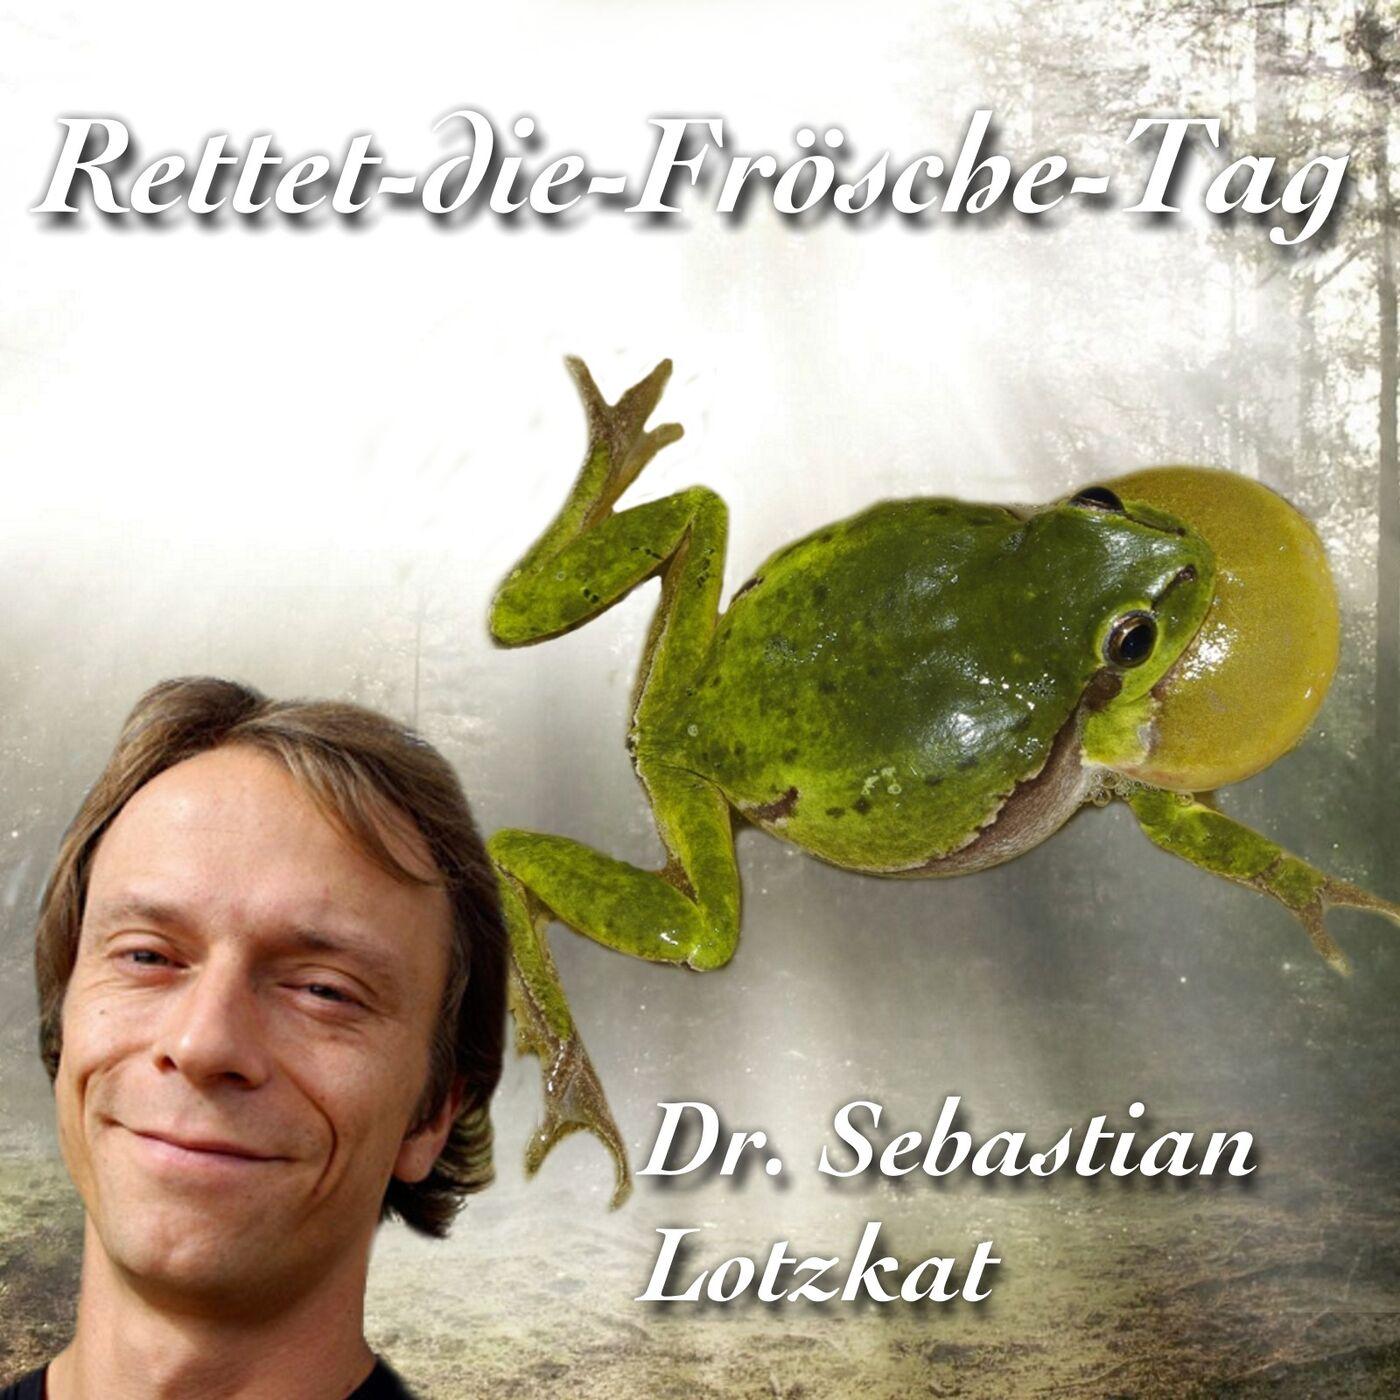 Lurche sind liebenswert - Dr. Sebastian Lotzkat